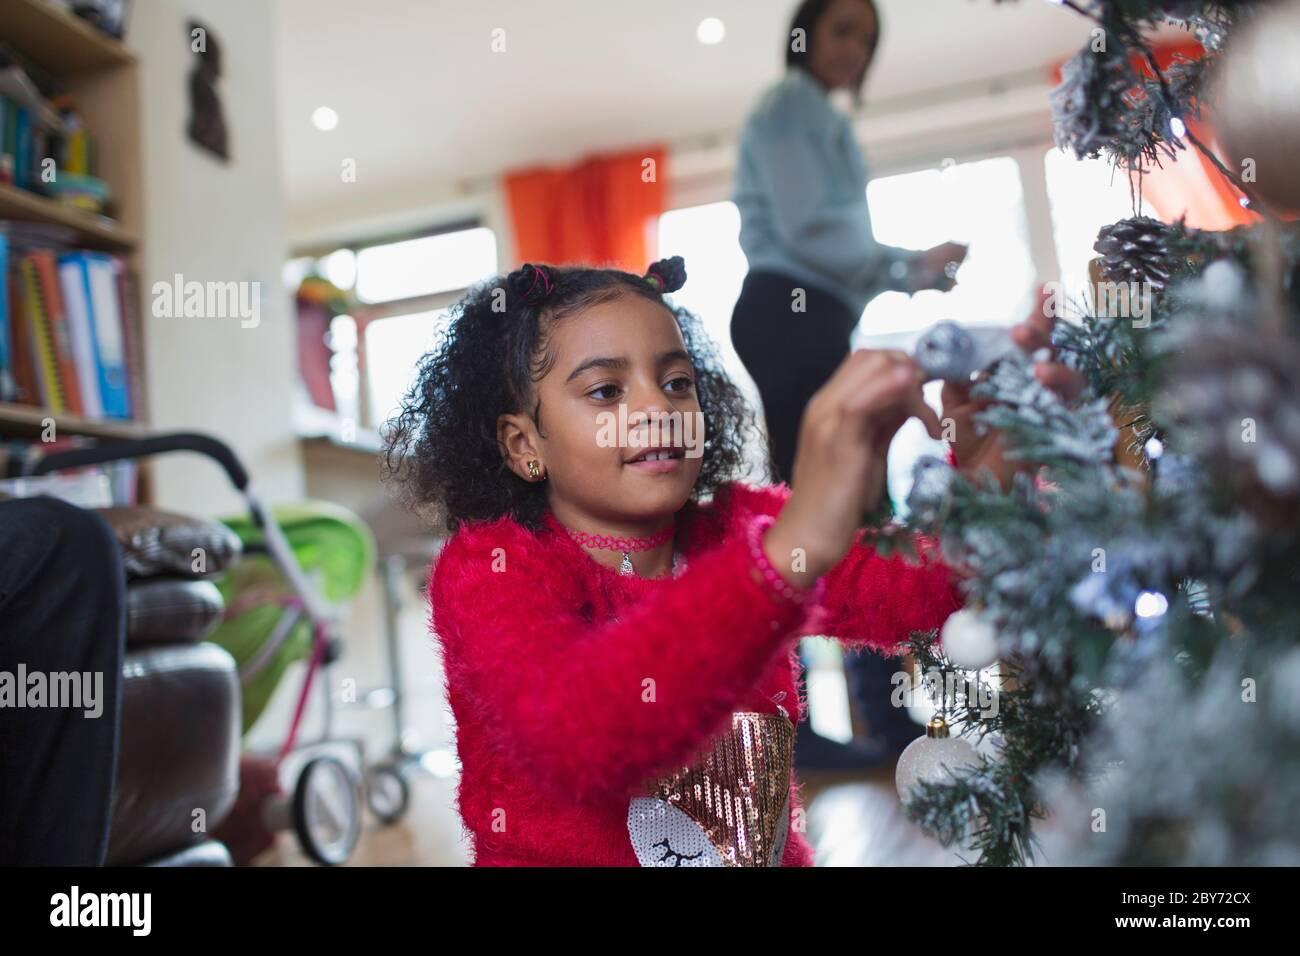 Mädchen schmücken Weihnachtsbaum Stockfoto